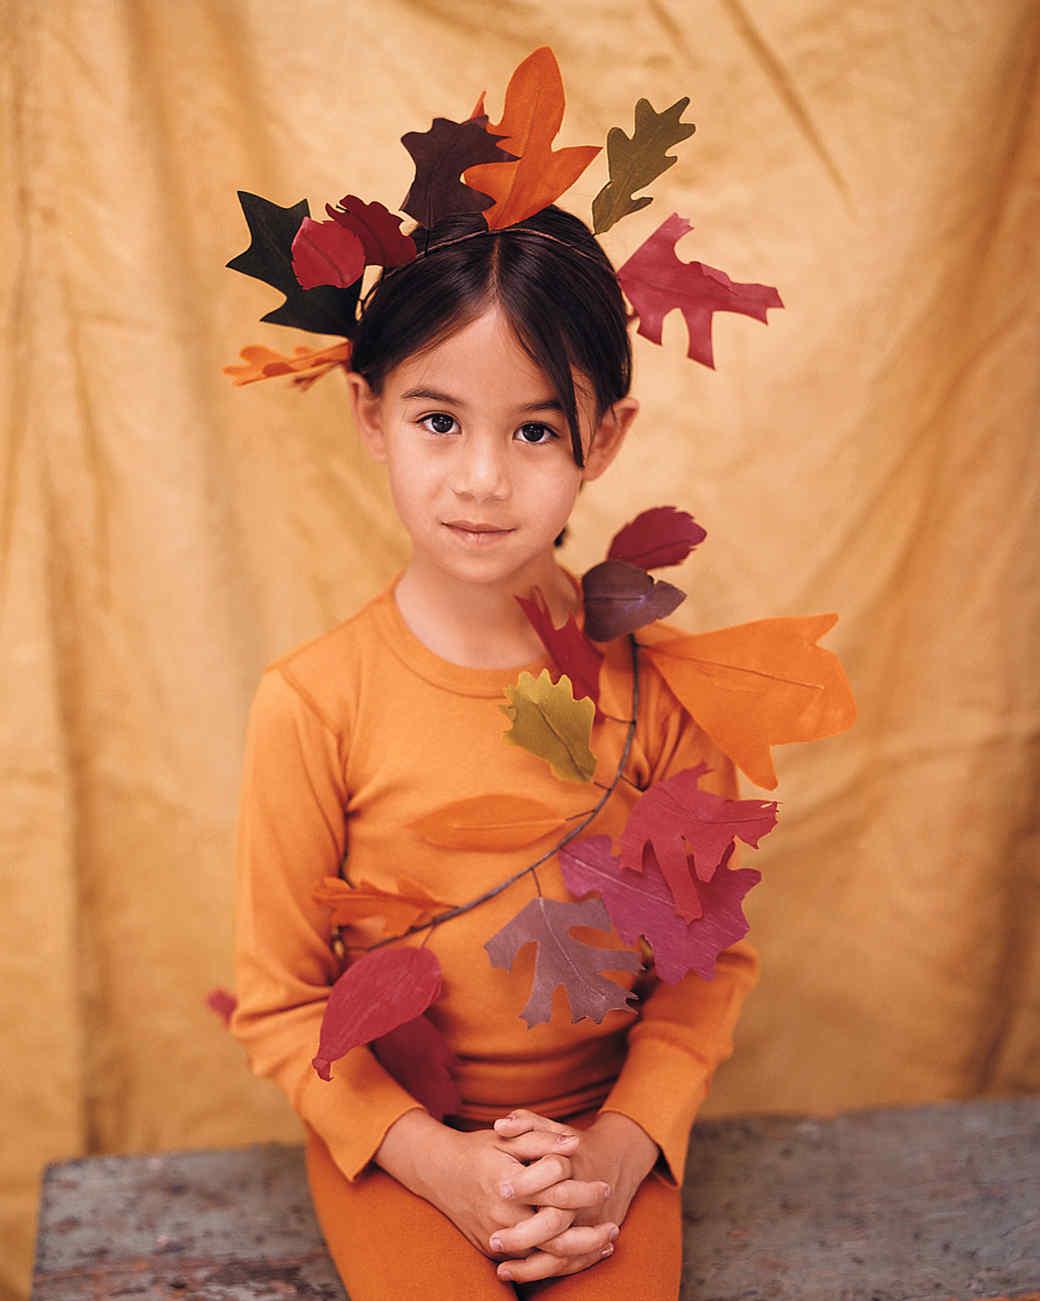 sc 1 st  Martha Stewart & 8 Easy-to-Make Halloween Costumes For Kids | Martha Stewart